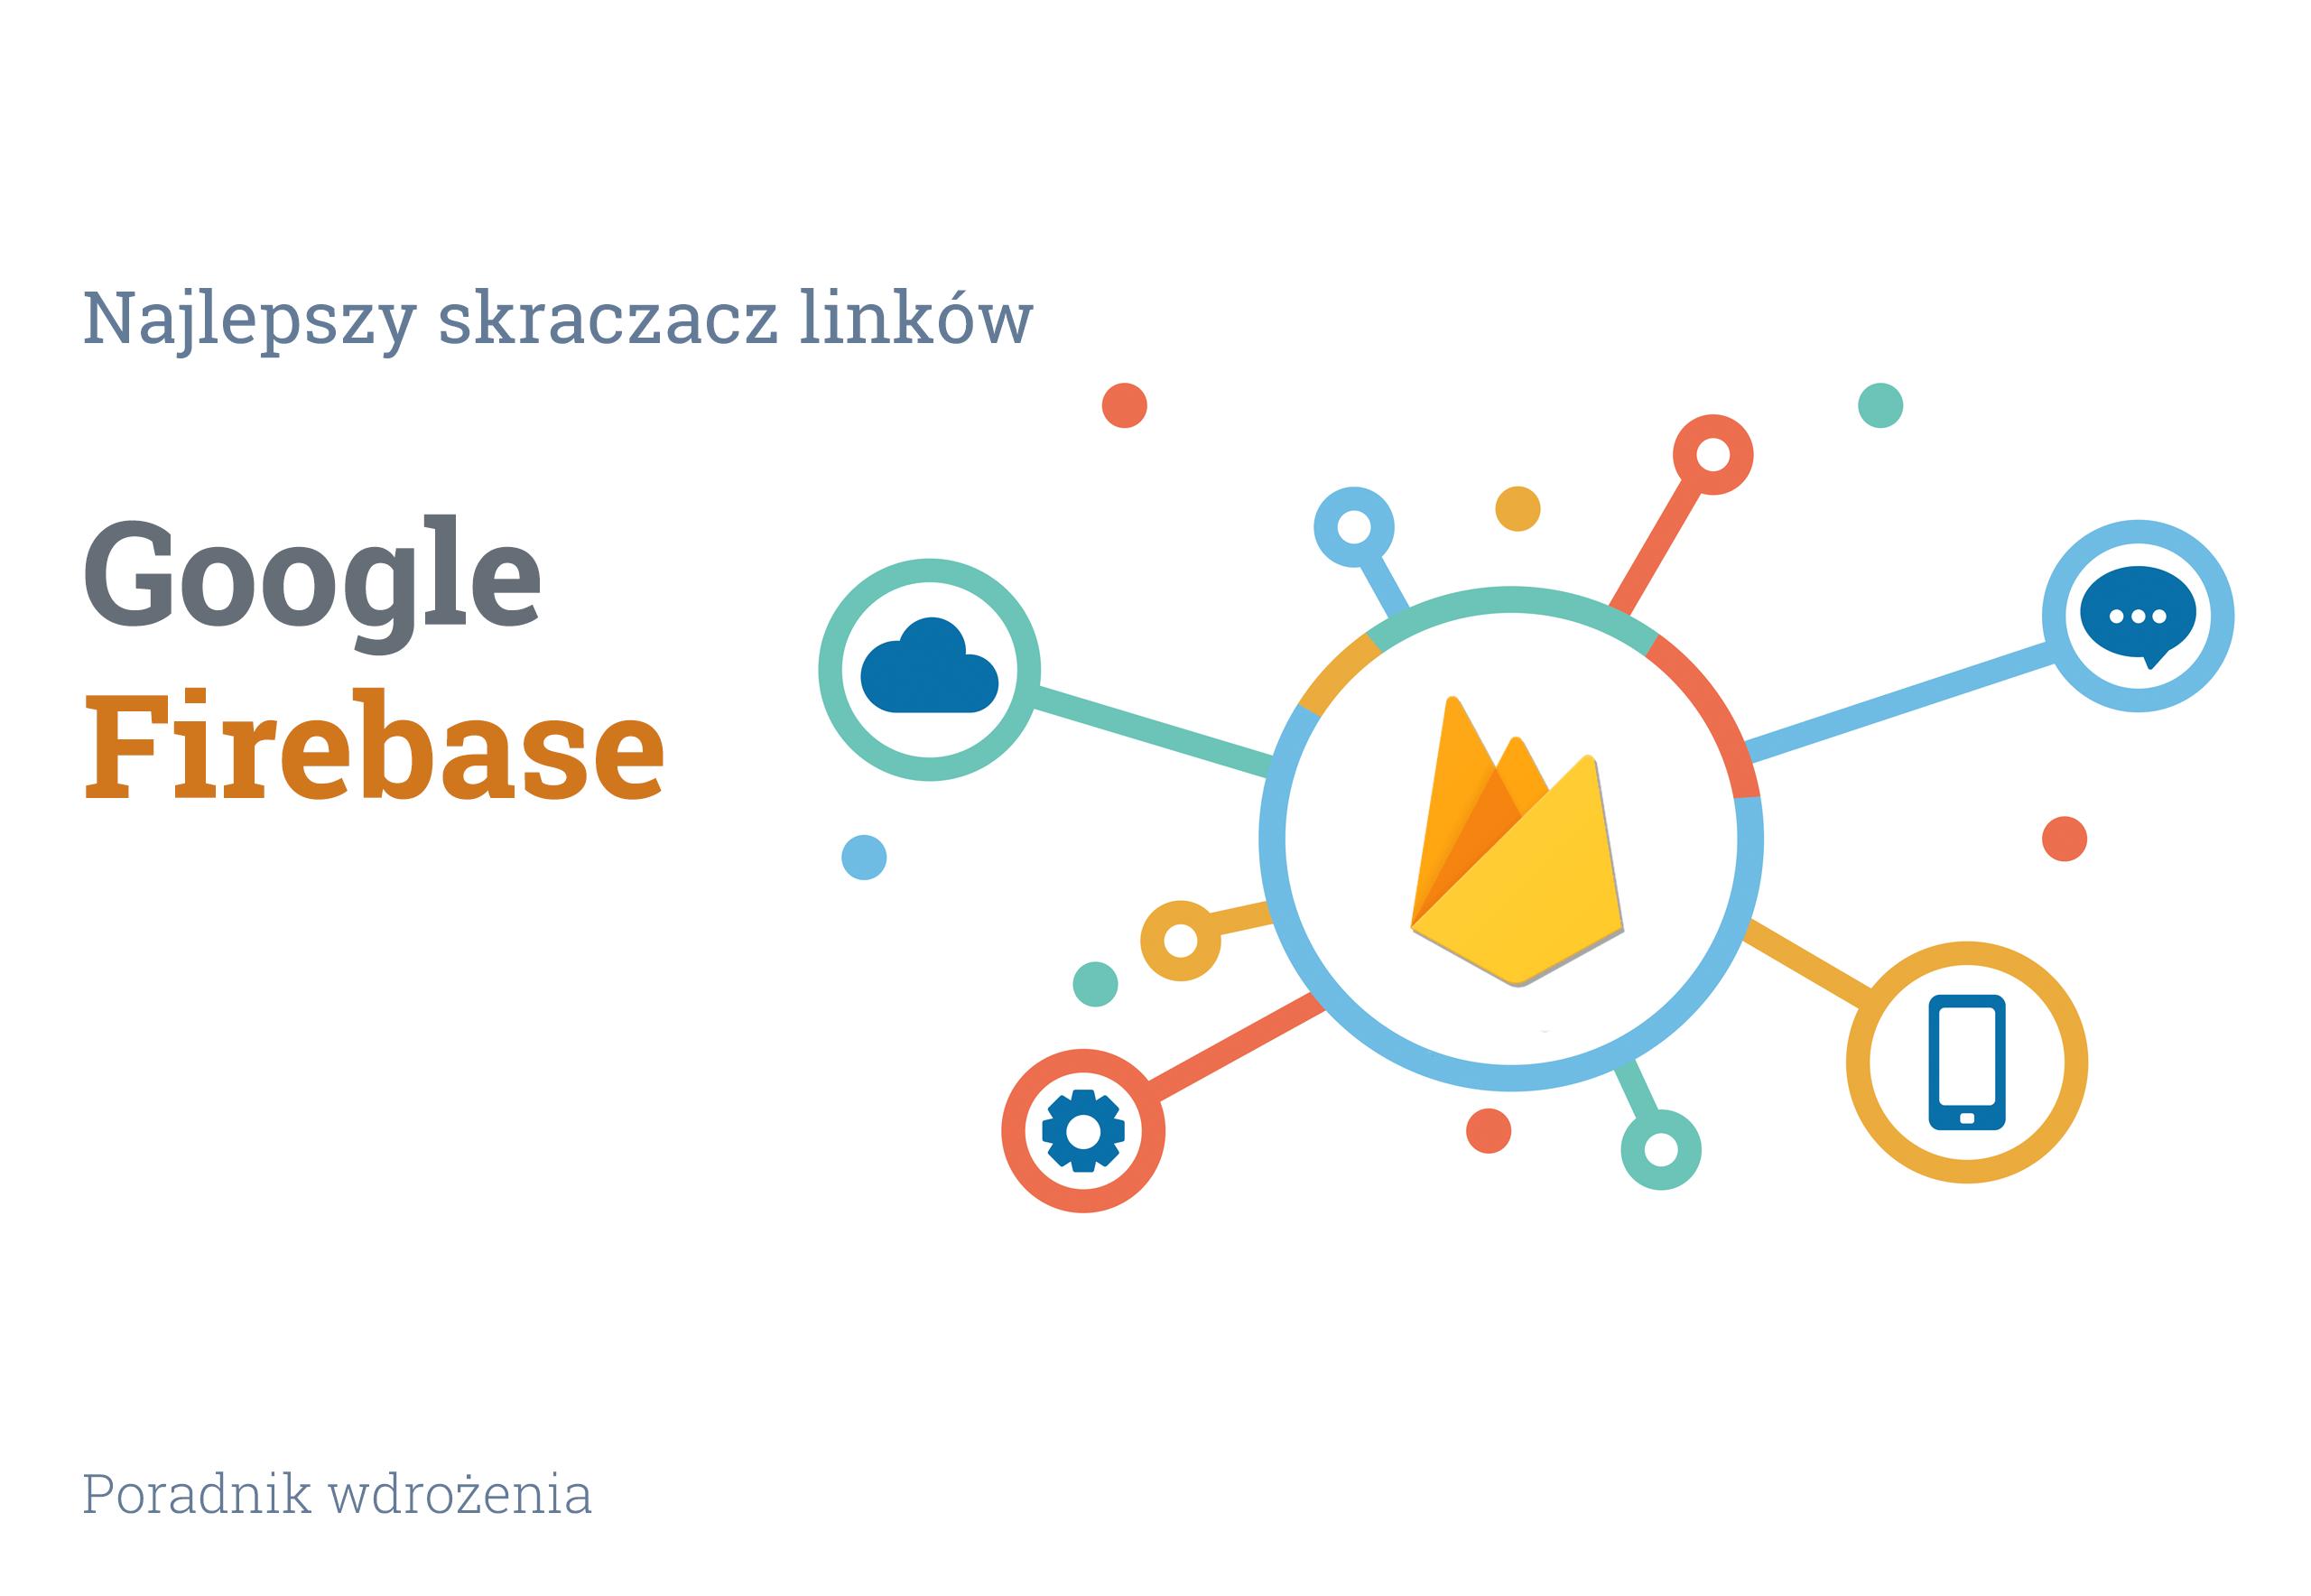 google firebase poradnik